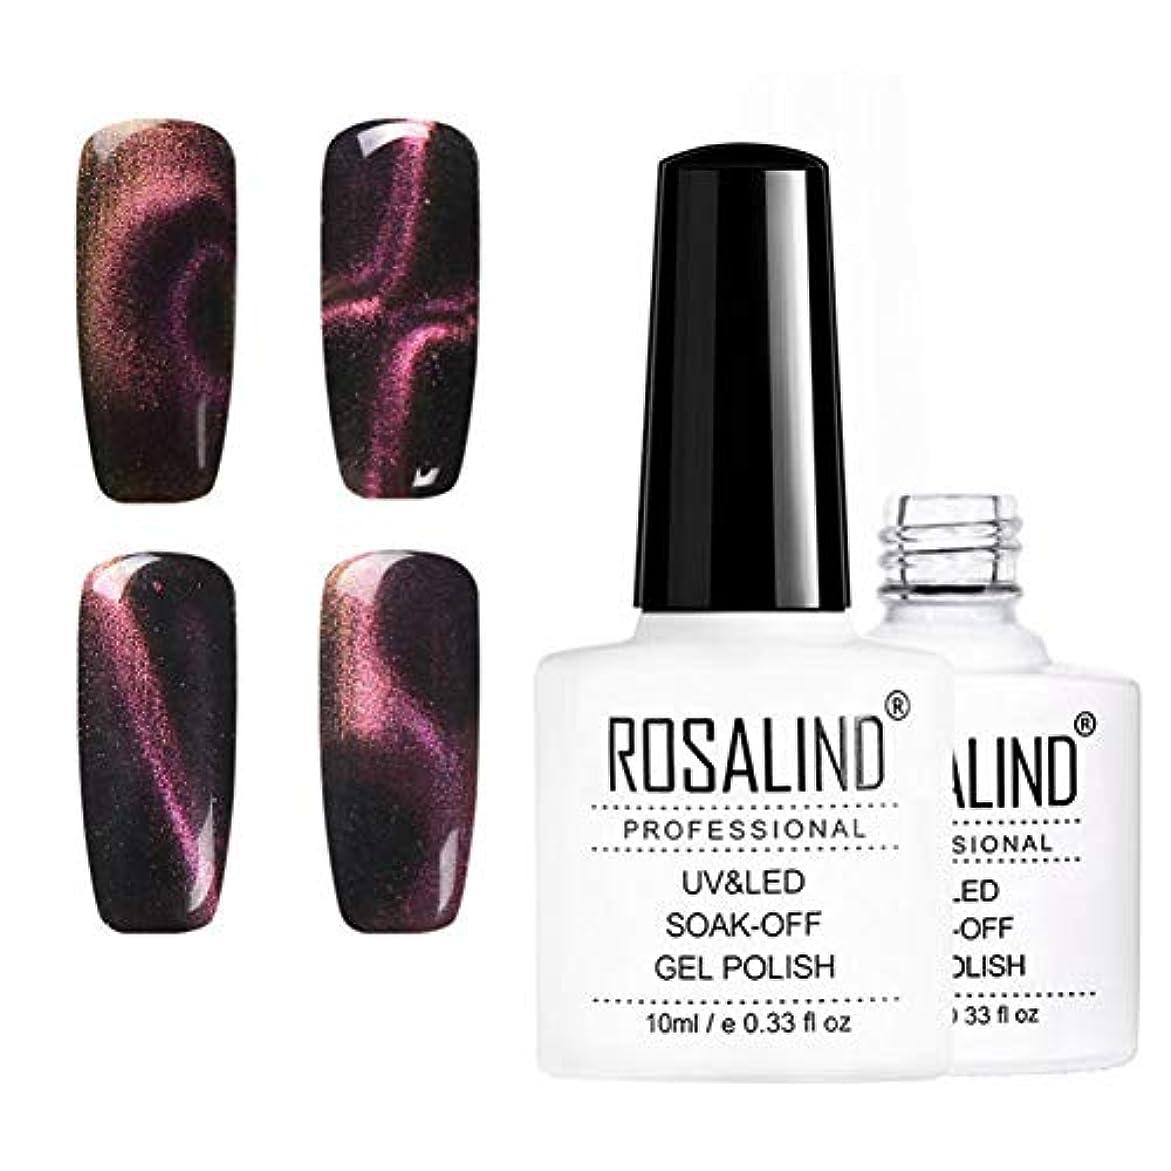 または丁寧ロック解除10mlキャットアイネイルニス、UV LEDネイルニス、6色、華麗で華麗な爪 (6pcs)